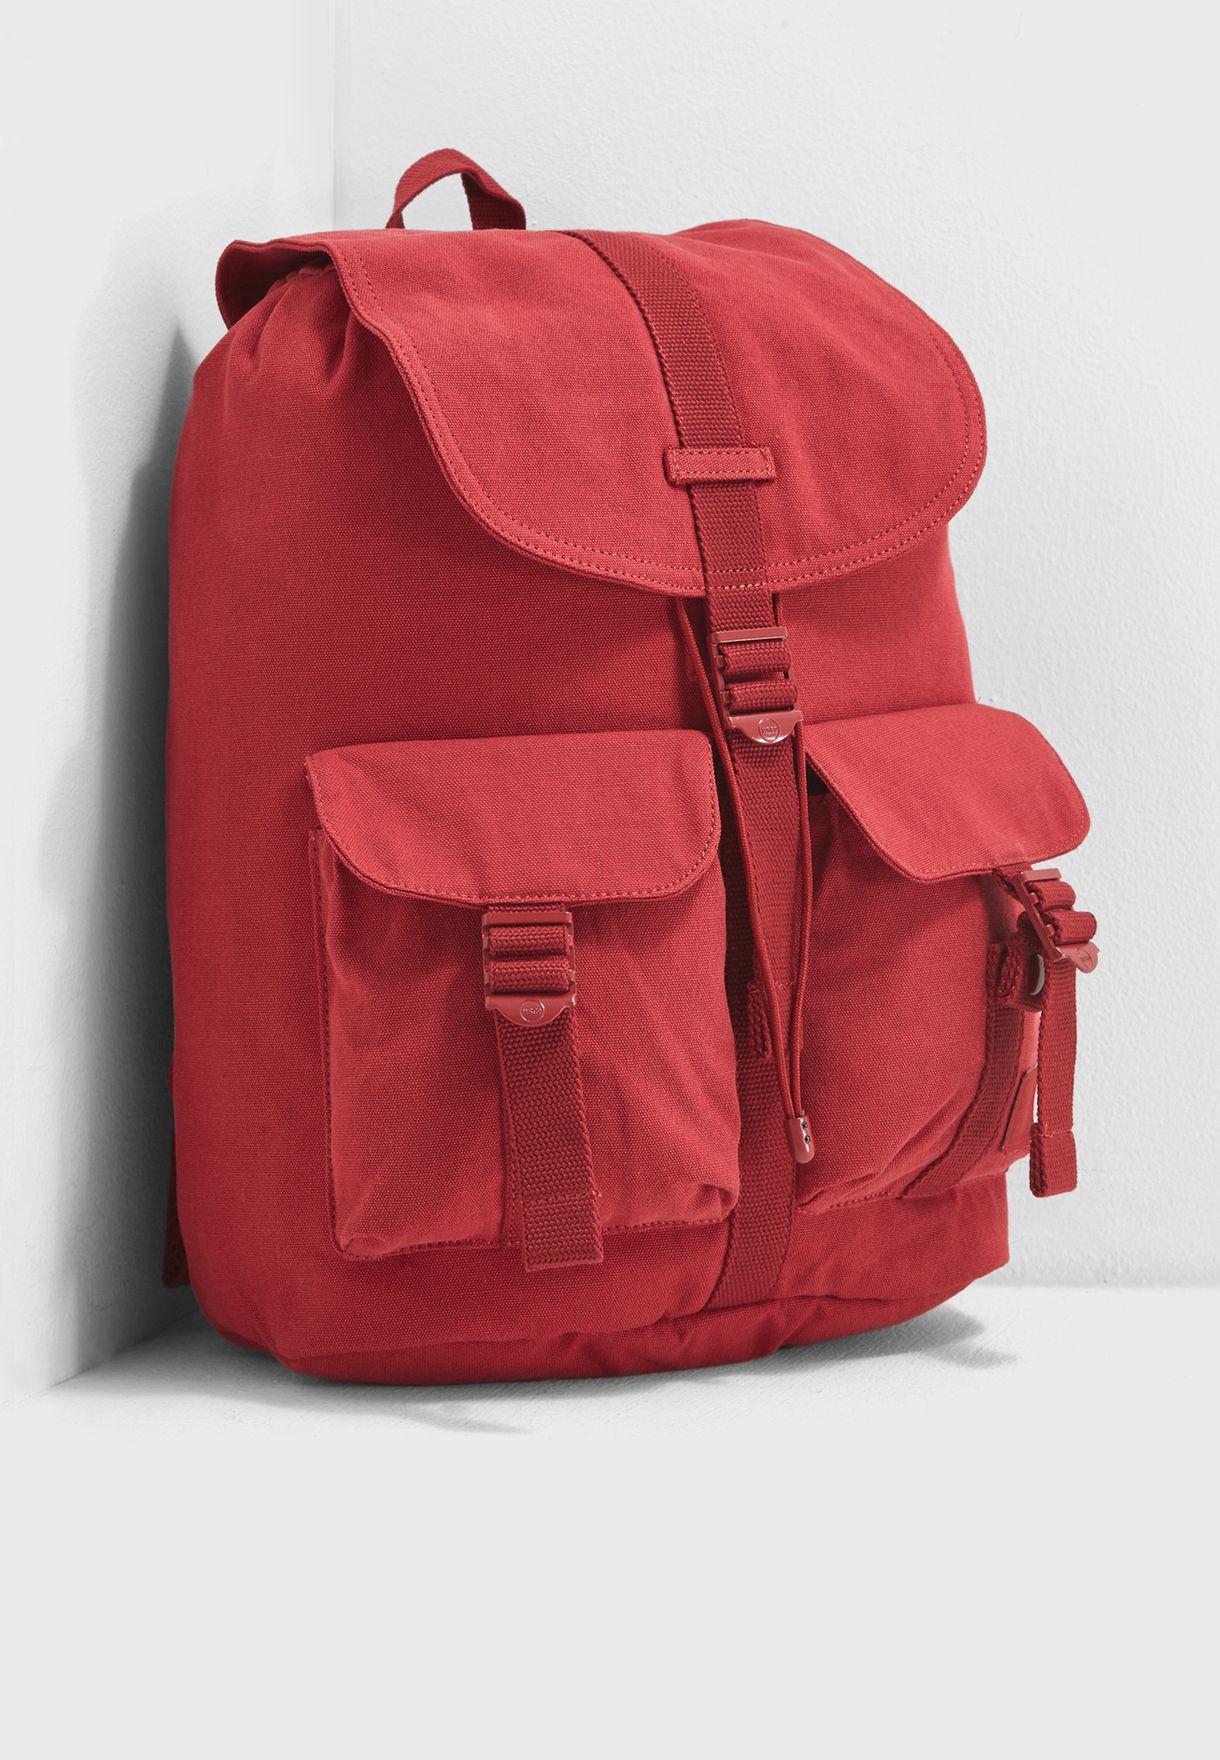 67b4ae787 Shop Herschel red Dawson Backpack 10233-01998-OS for Women in Qatar ...